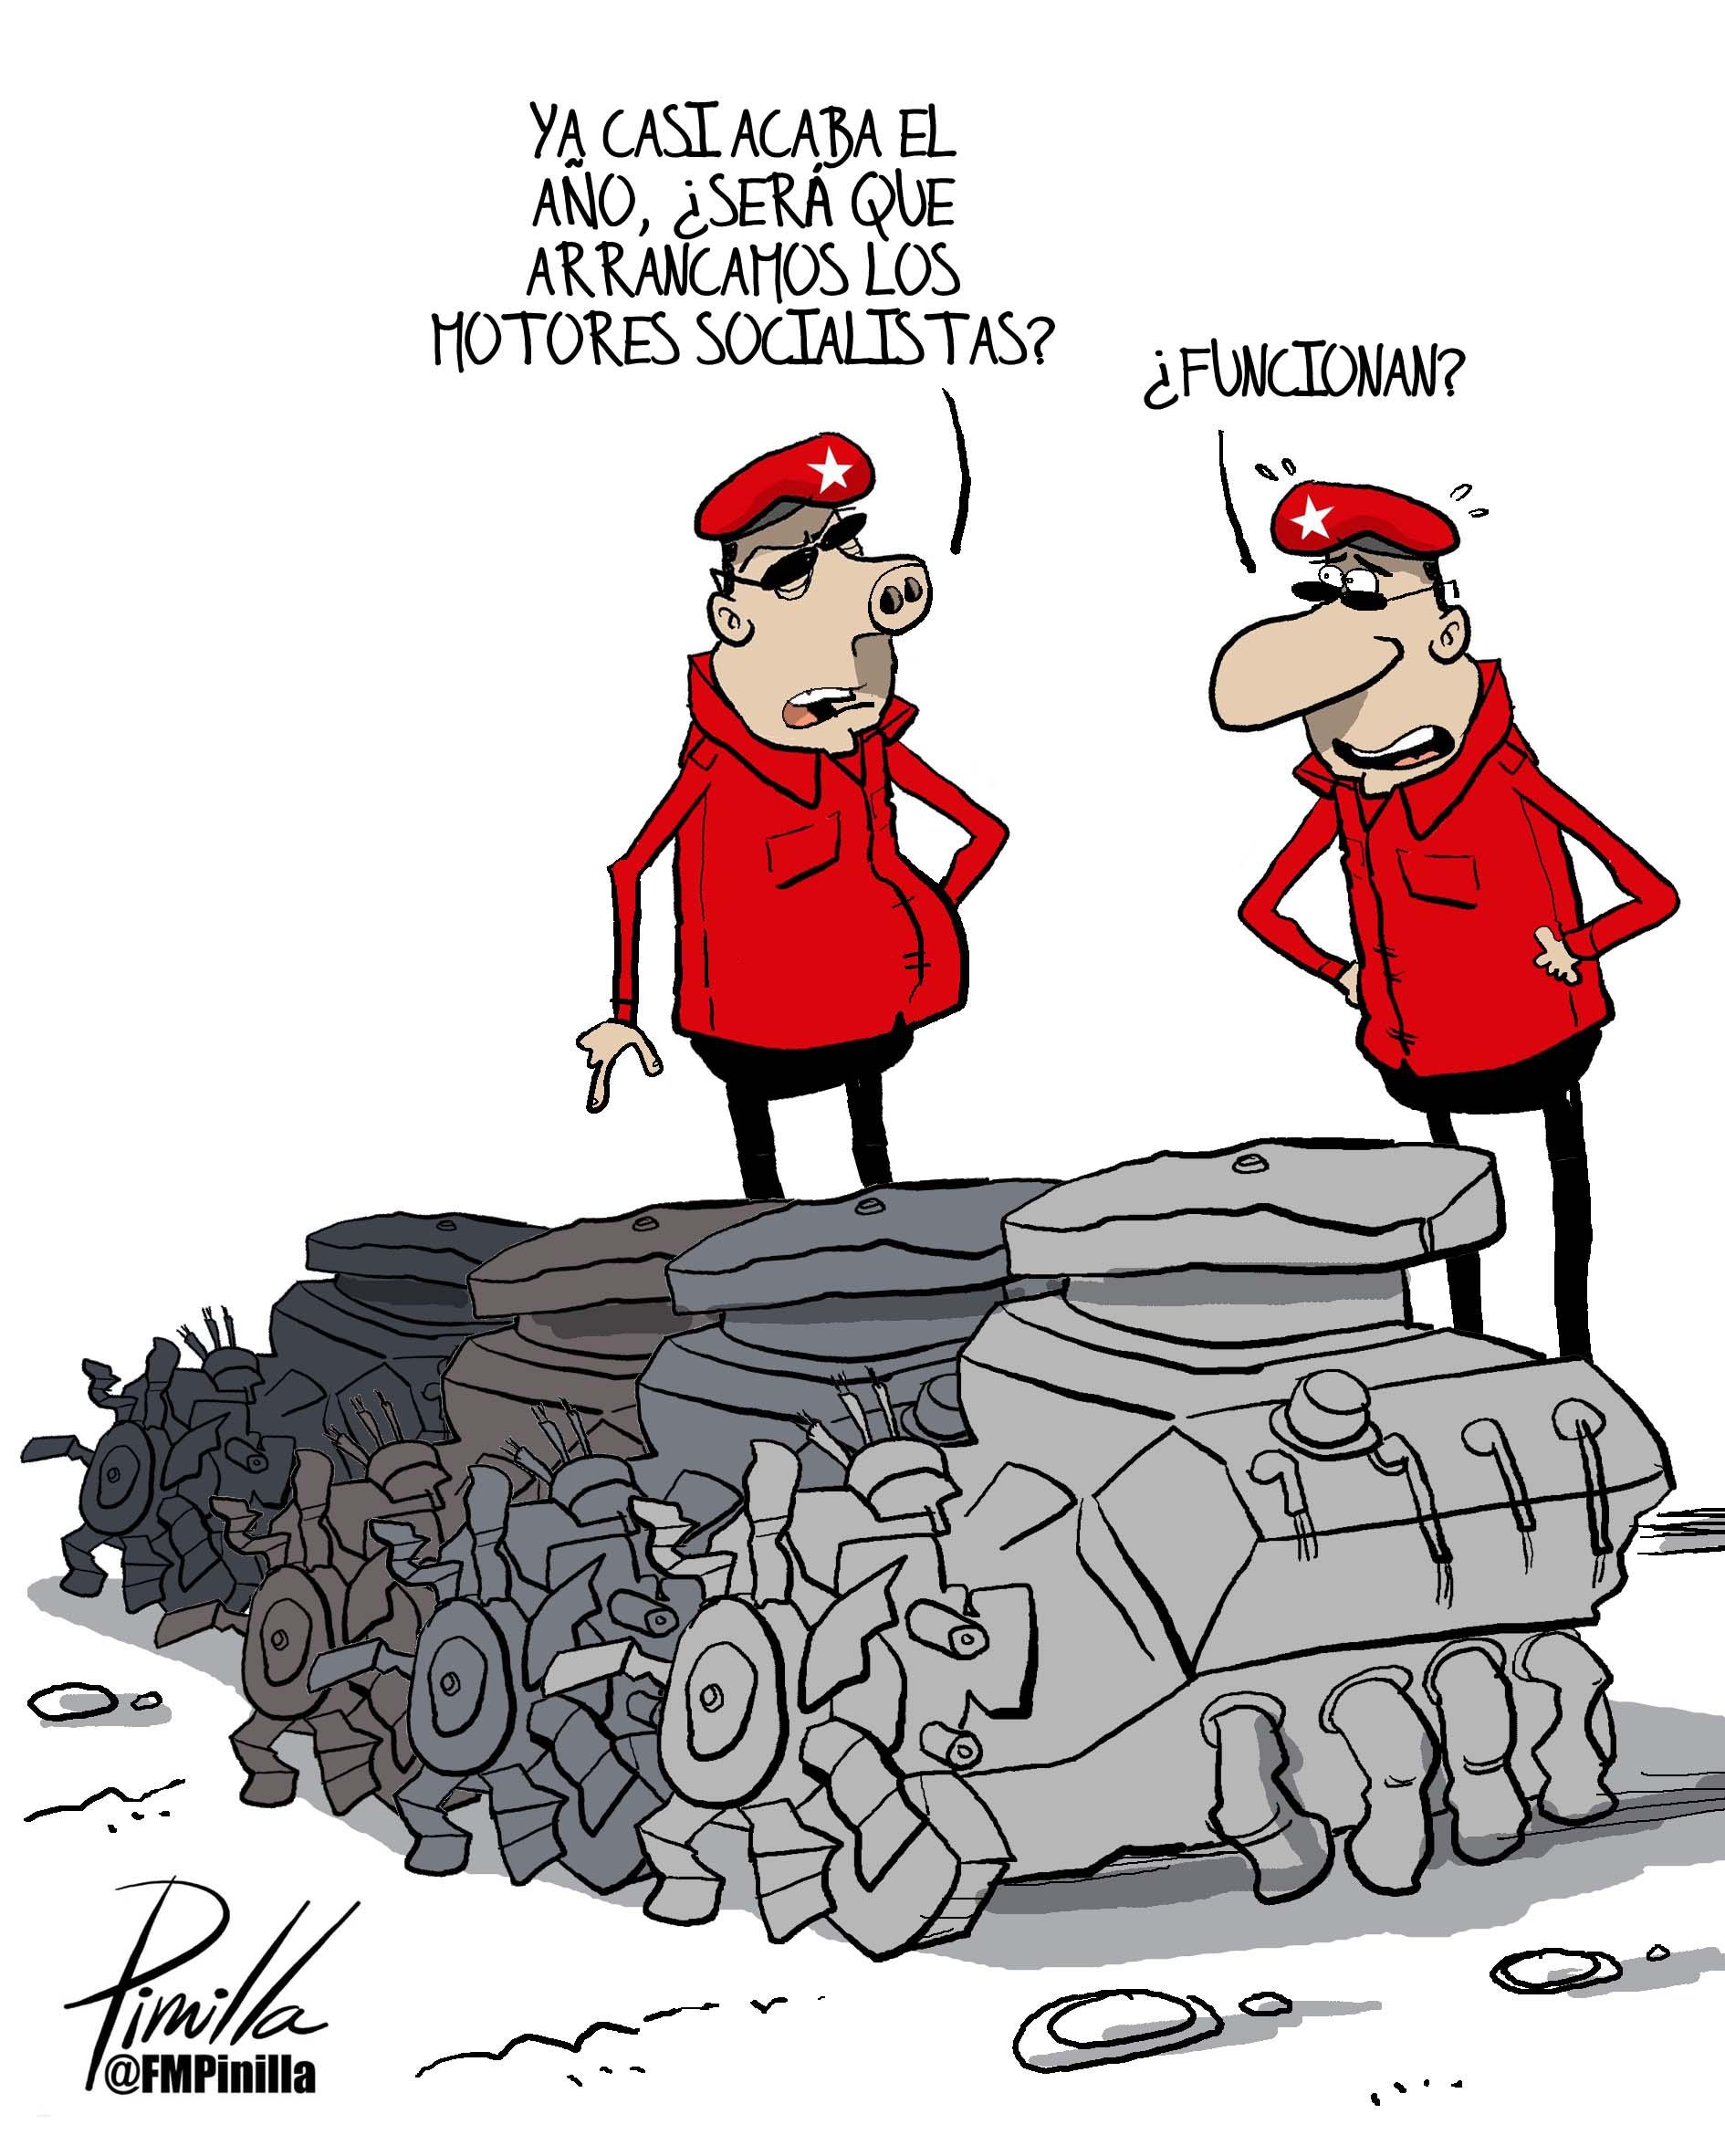 motores socialistas